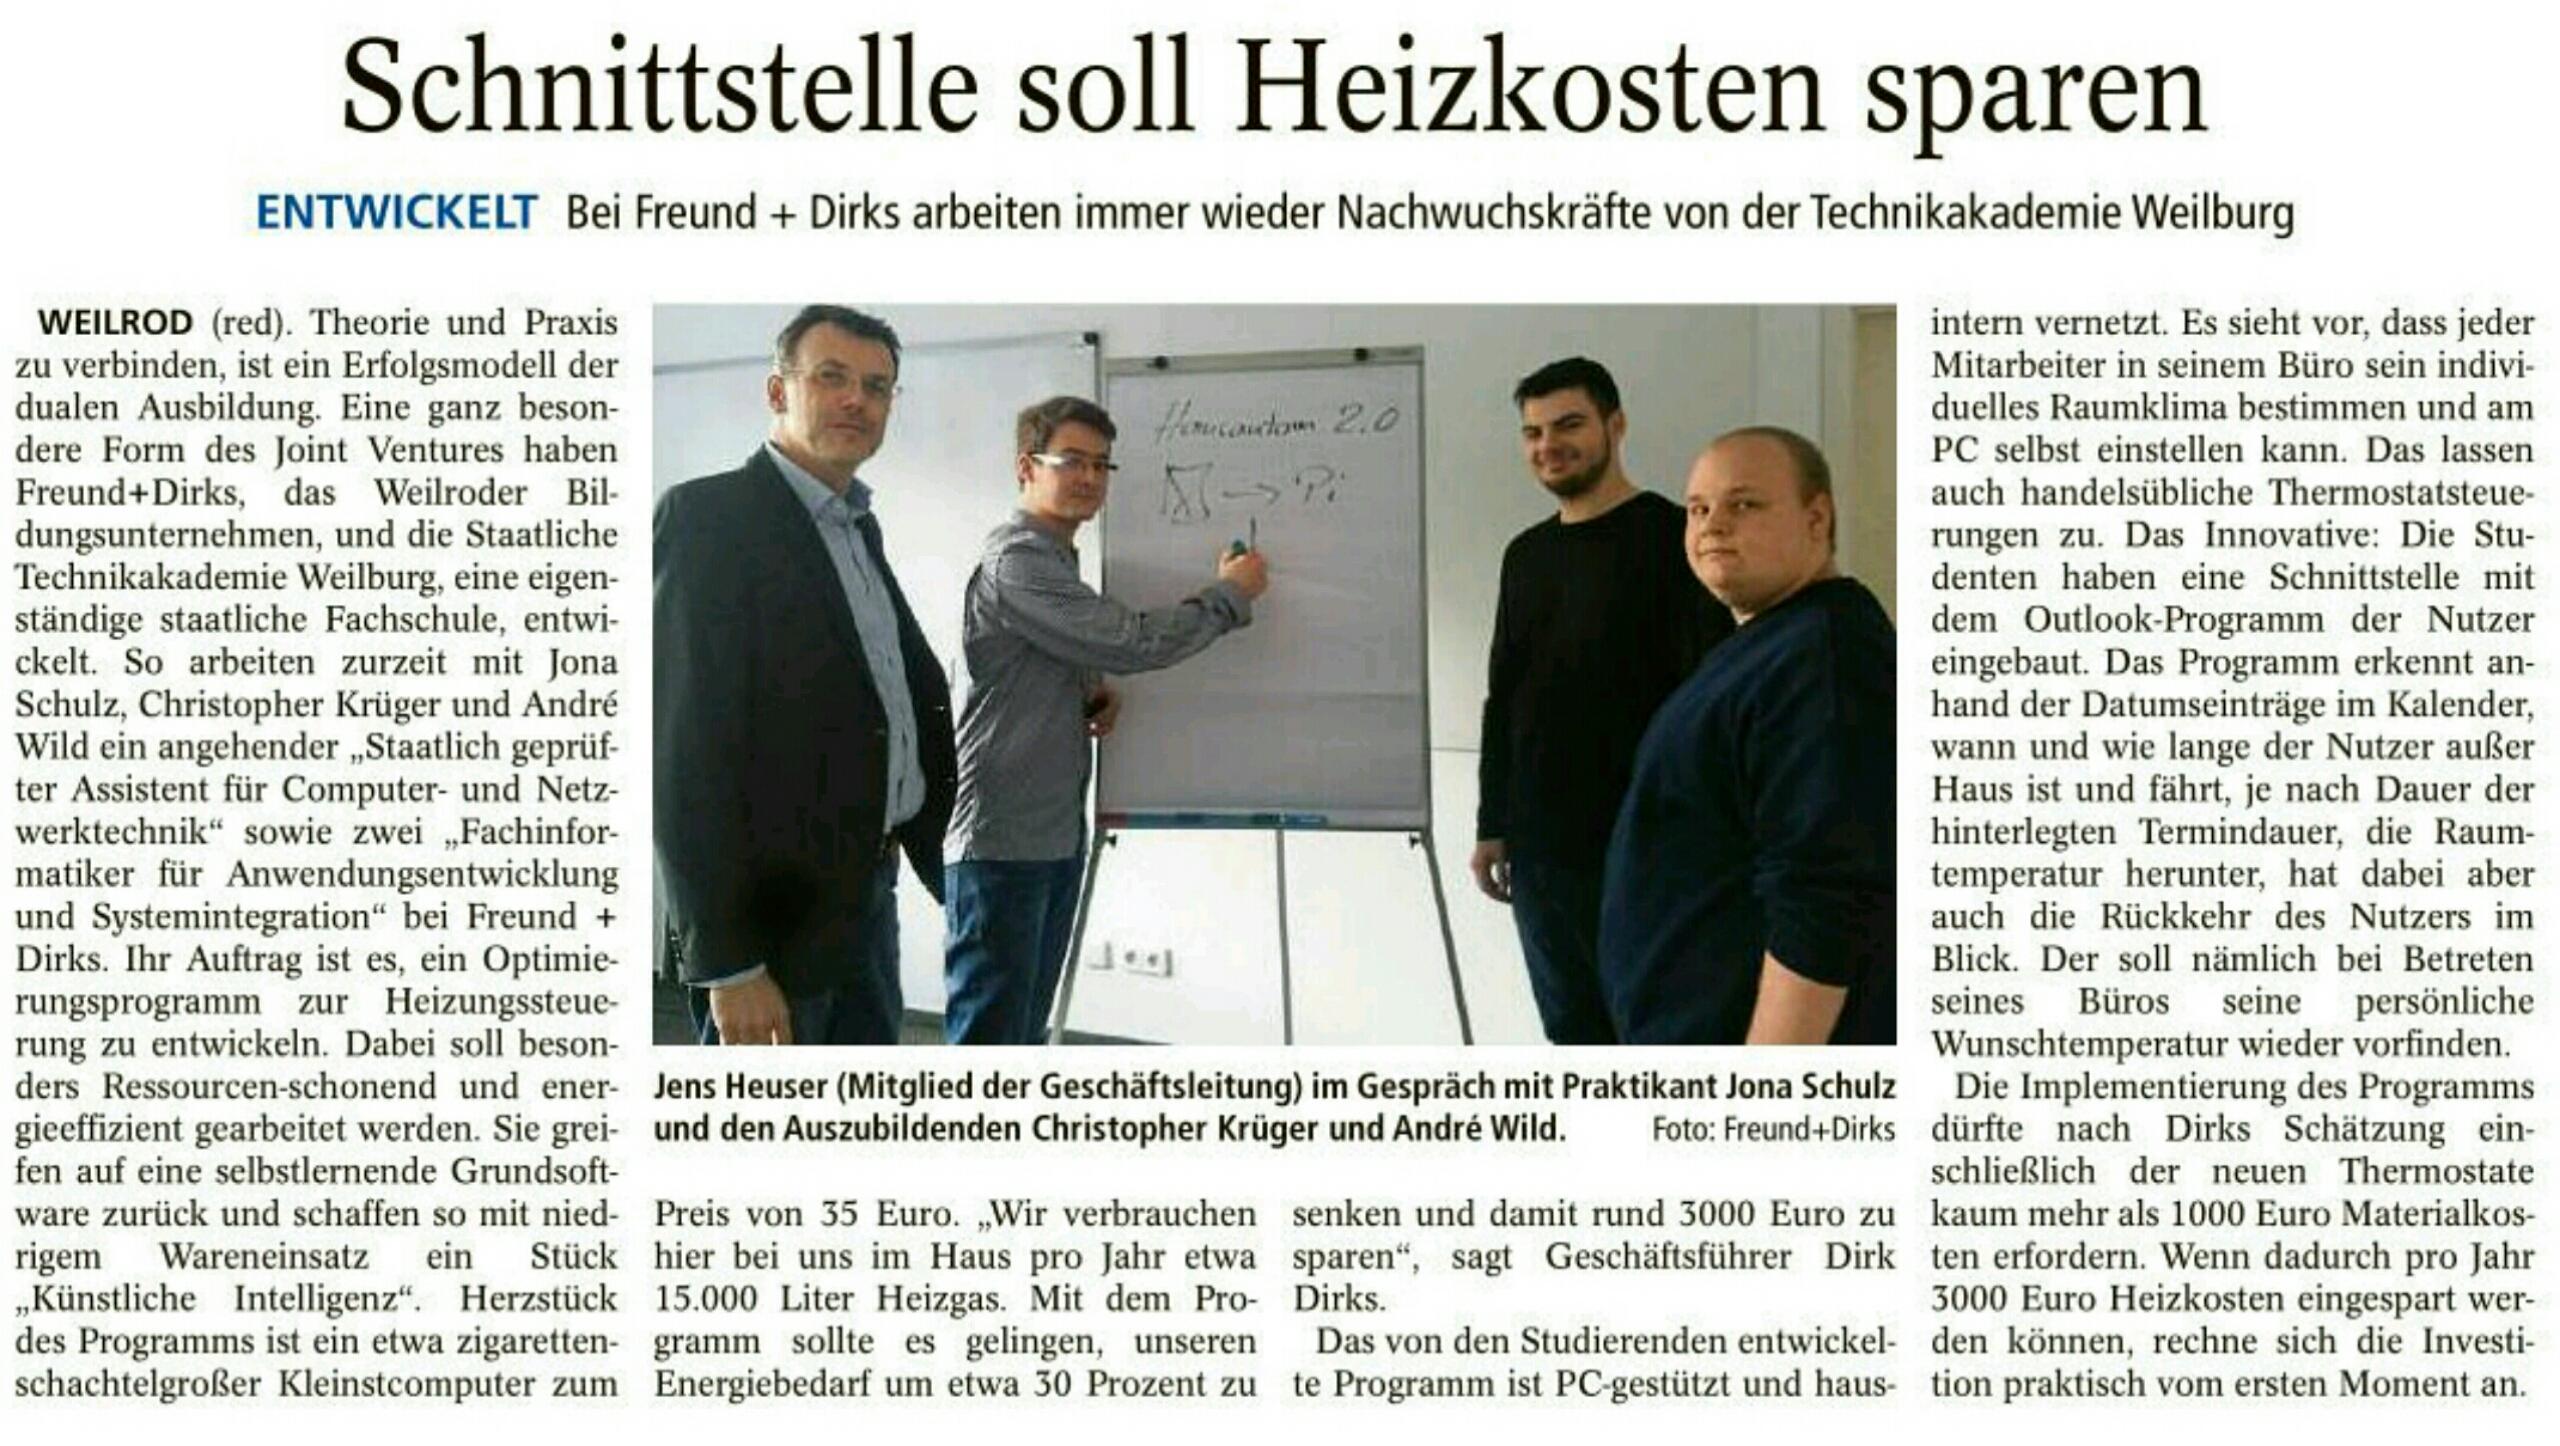 http://www.usinger-anzeiger.de